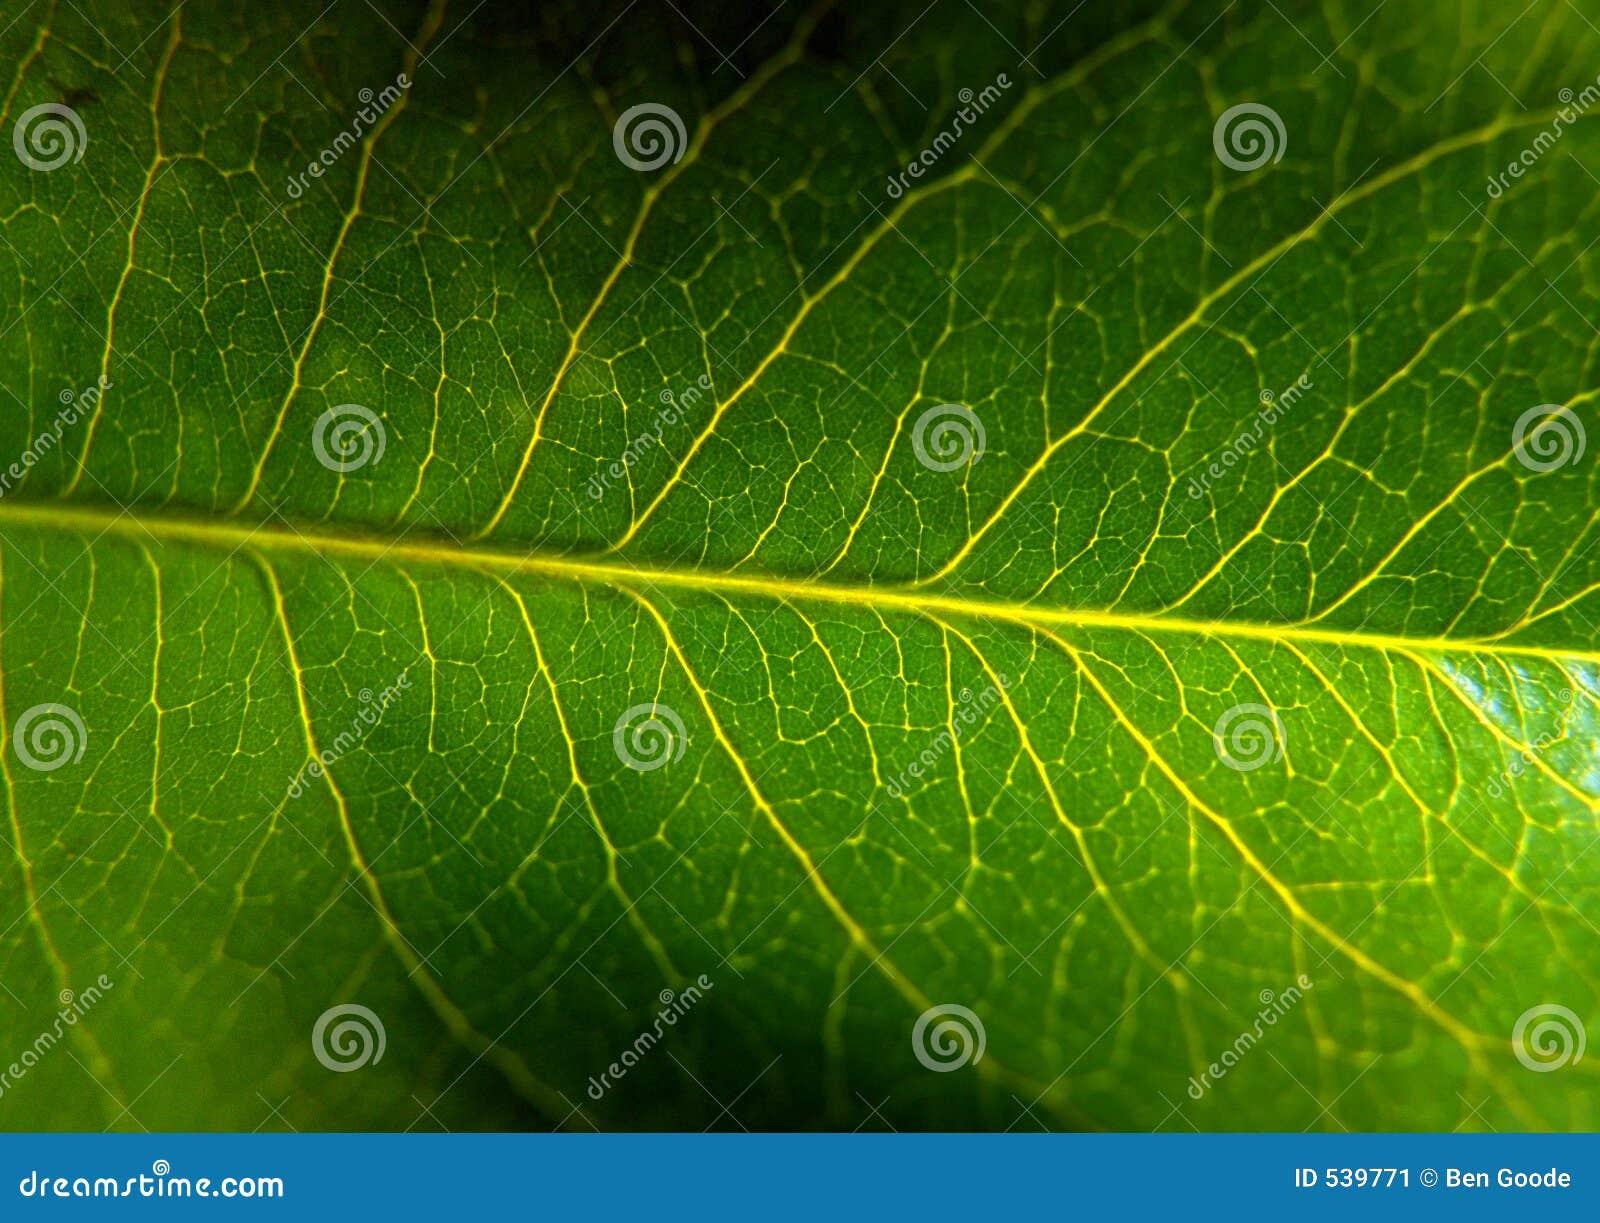 Download 叶子宏指令 库存图片. 图片 包括有 结构树, 增长, 工厂, 生活, 墙纸, 本质, 影子, 居住, 绿色 - 539771